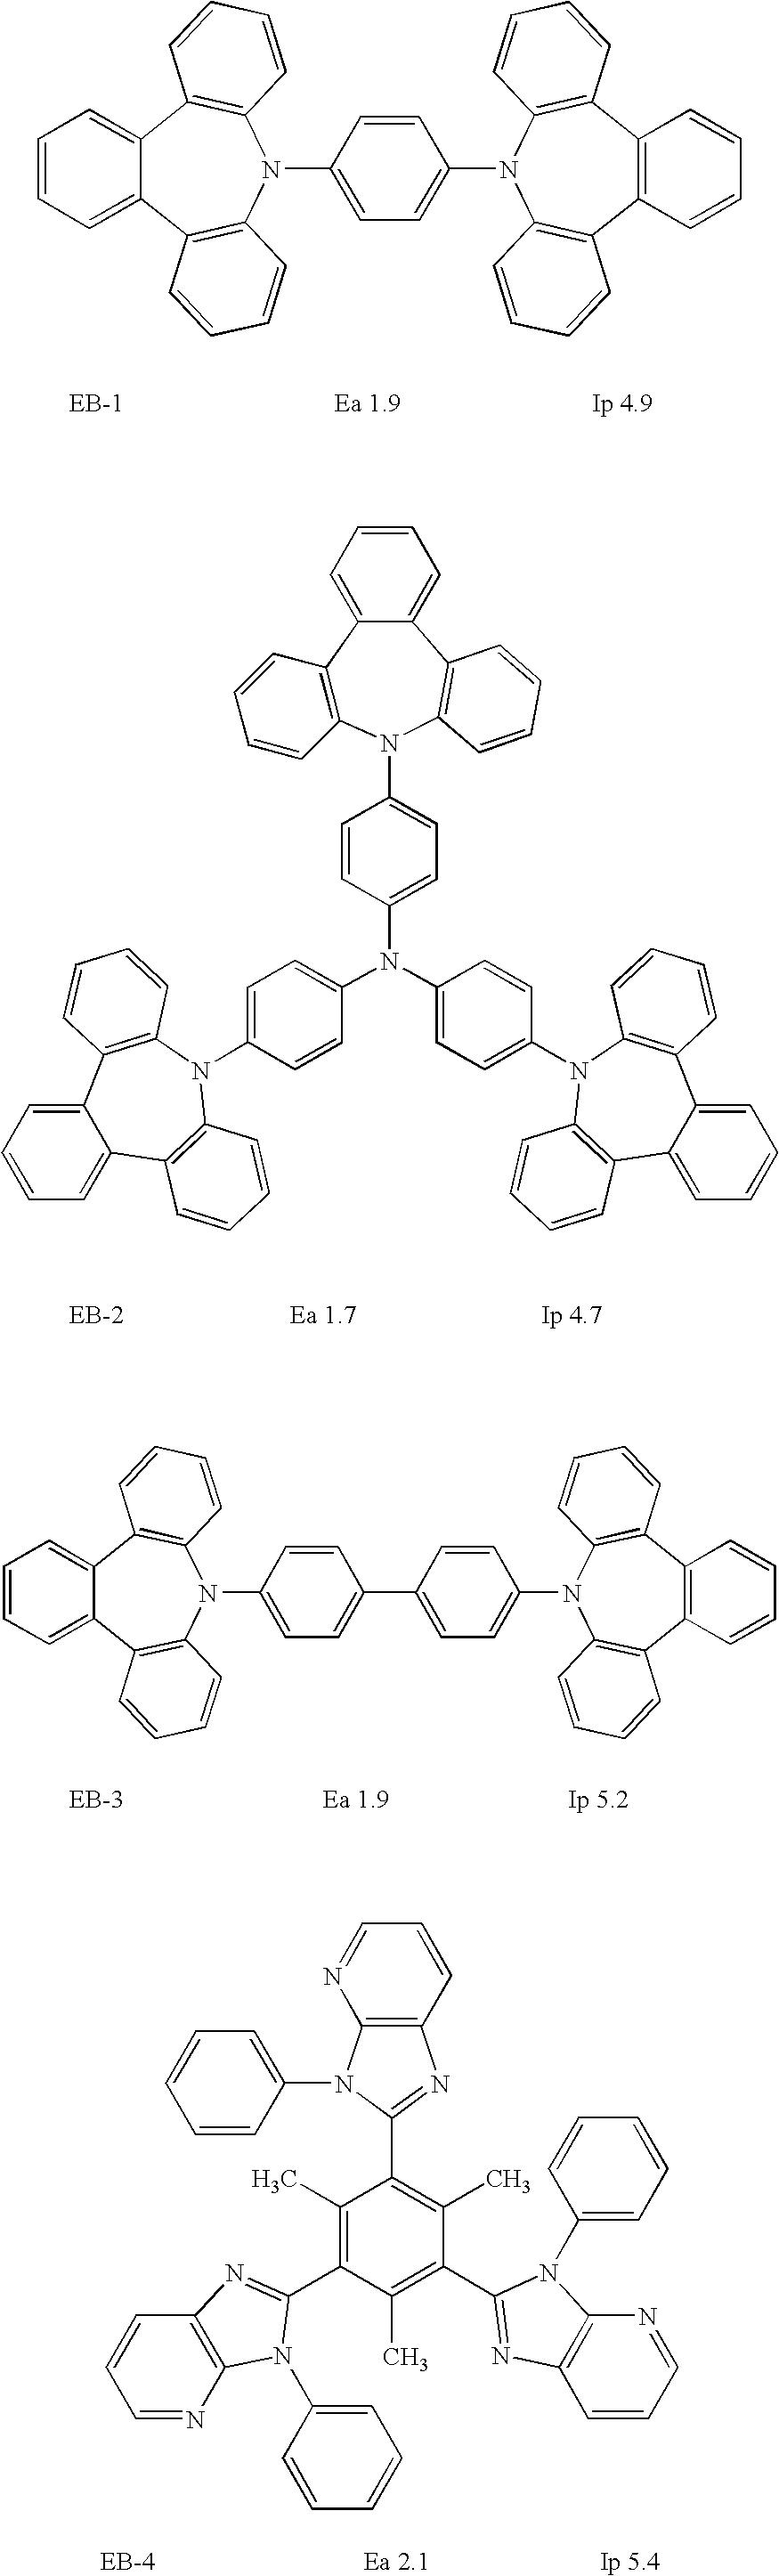 Figure US20070063156A1-20070322-C00004